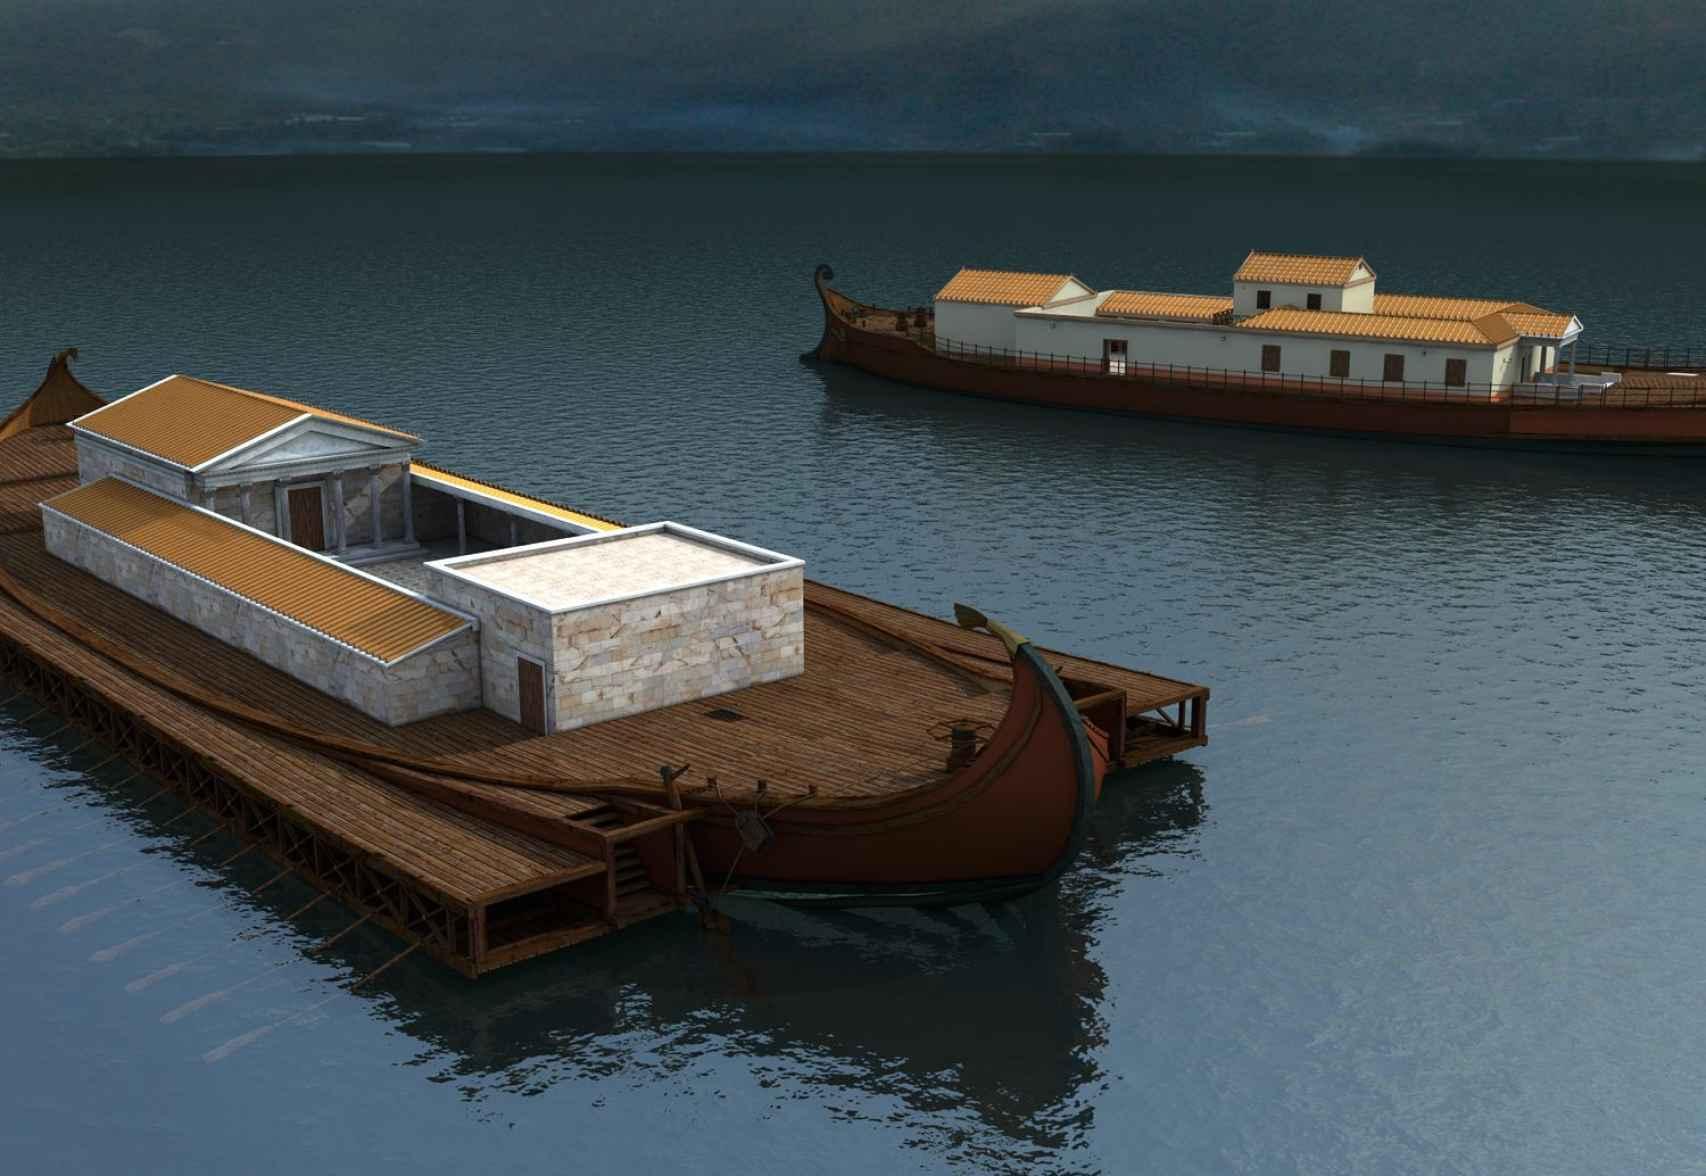 Reconstrucción de los palacios flotantes de Calígula.